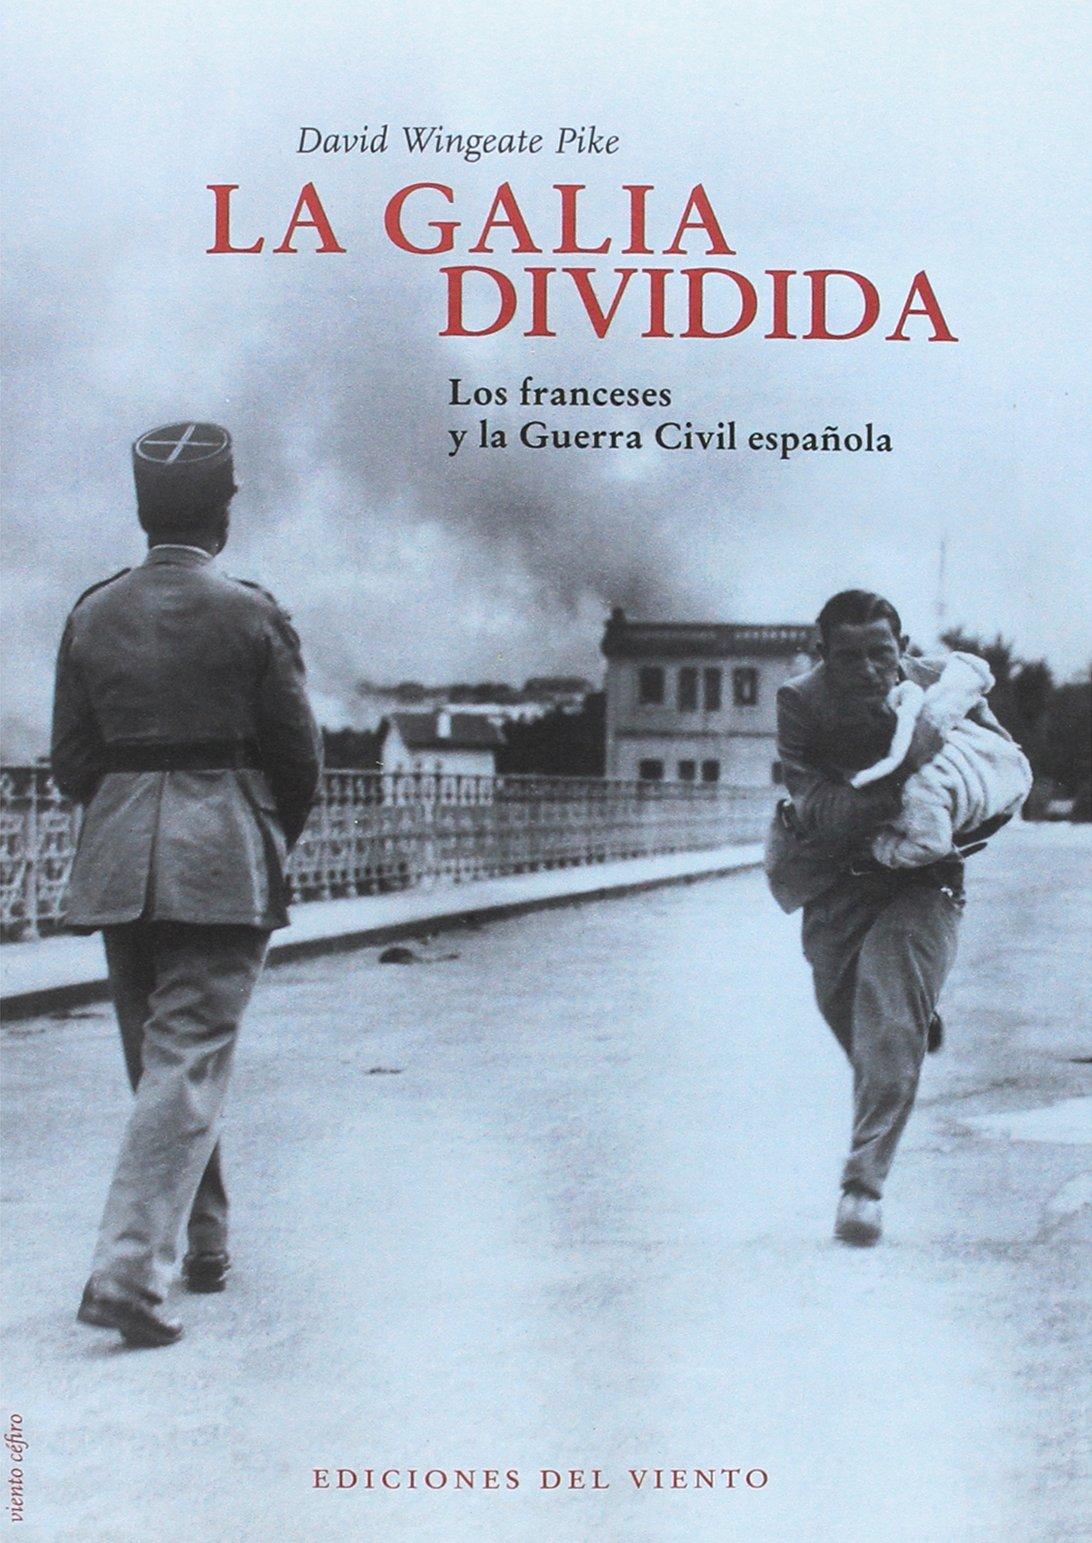 La galia dividida: Los franceses y la Guerra Civil española Viento Céfiro: Amazon.es: David Wingeate Pike: Libros